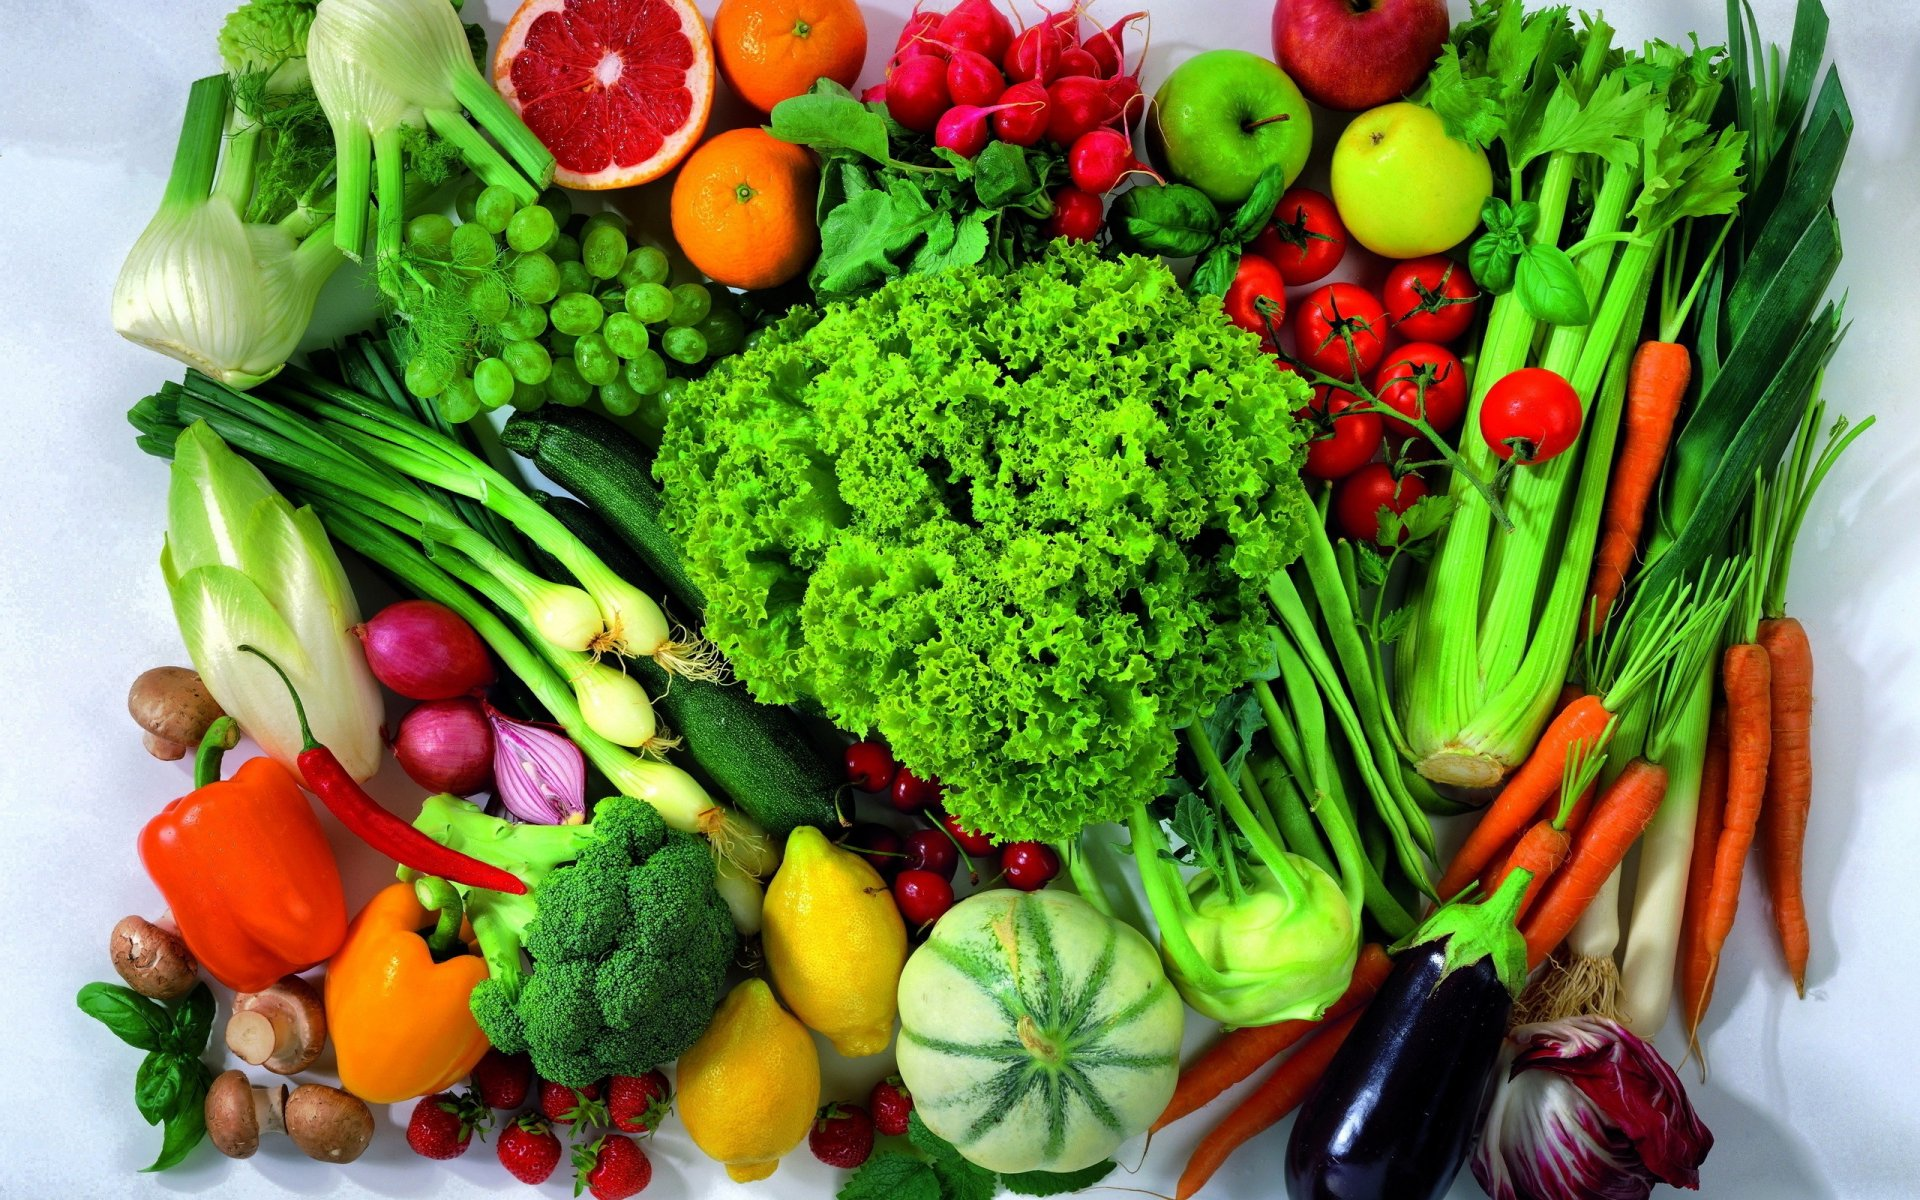 Le Maroc se démarque dans la production de légumes avec un total de 4 millions de tonnes